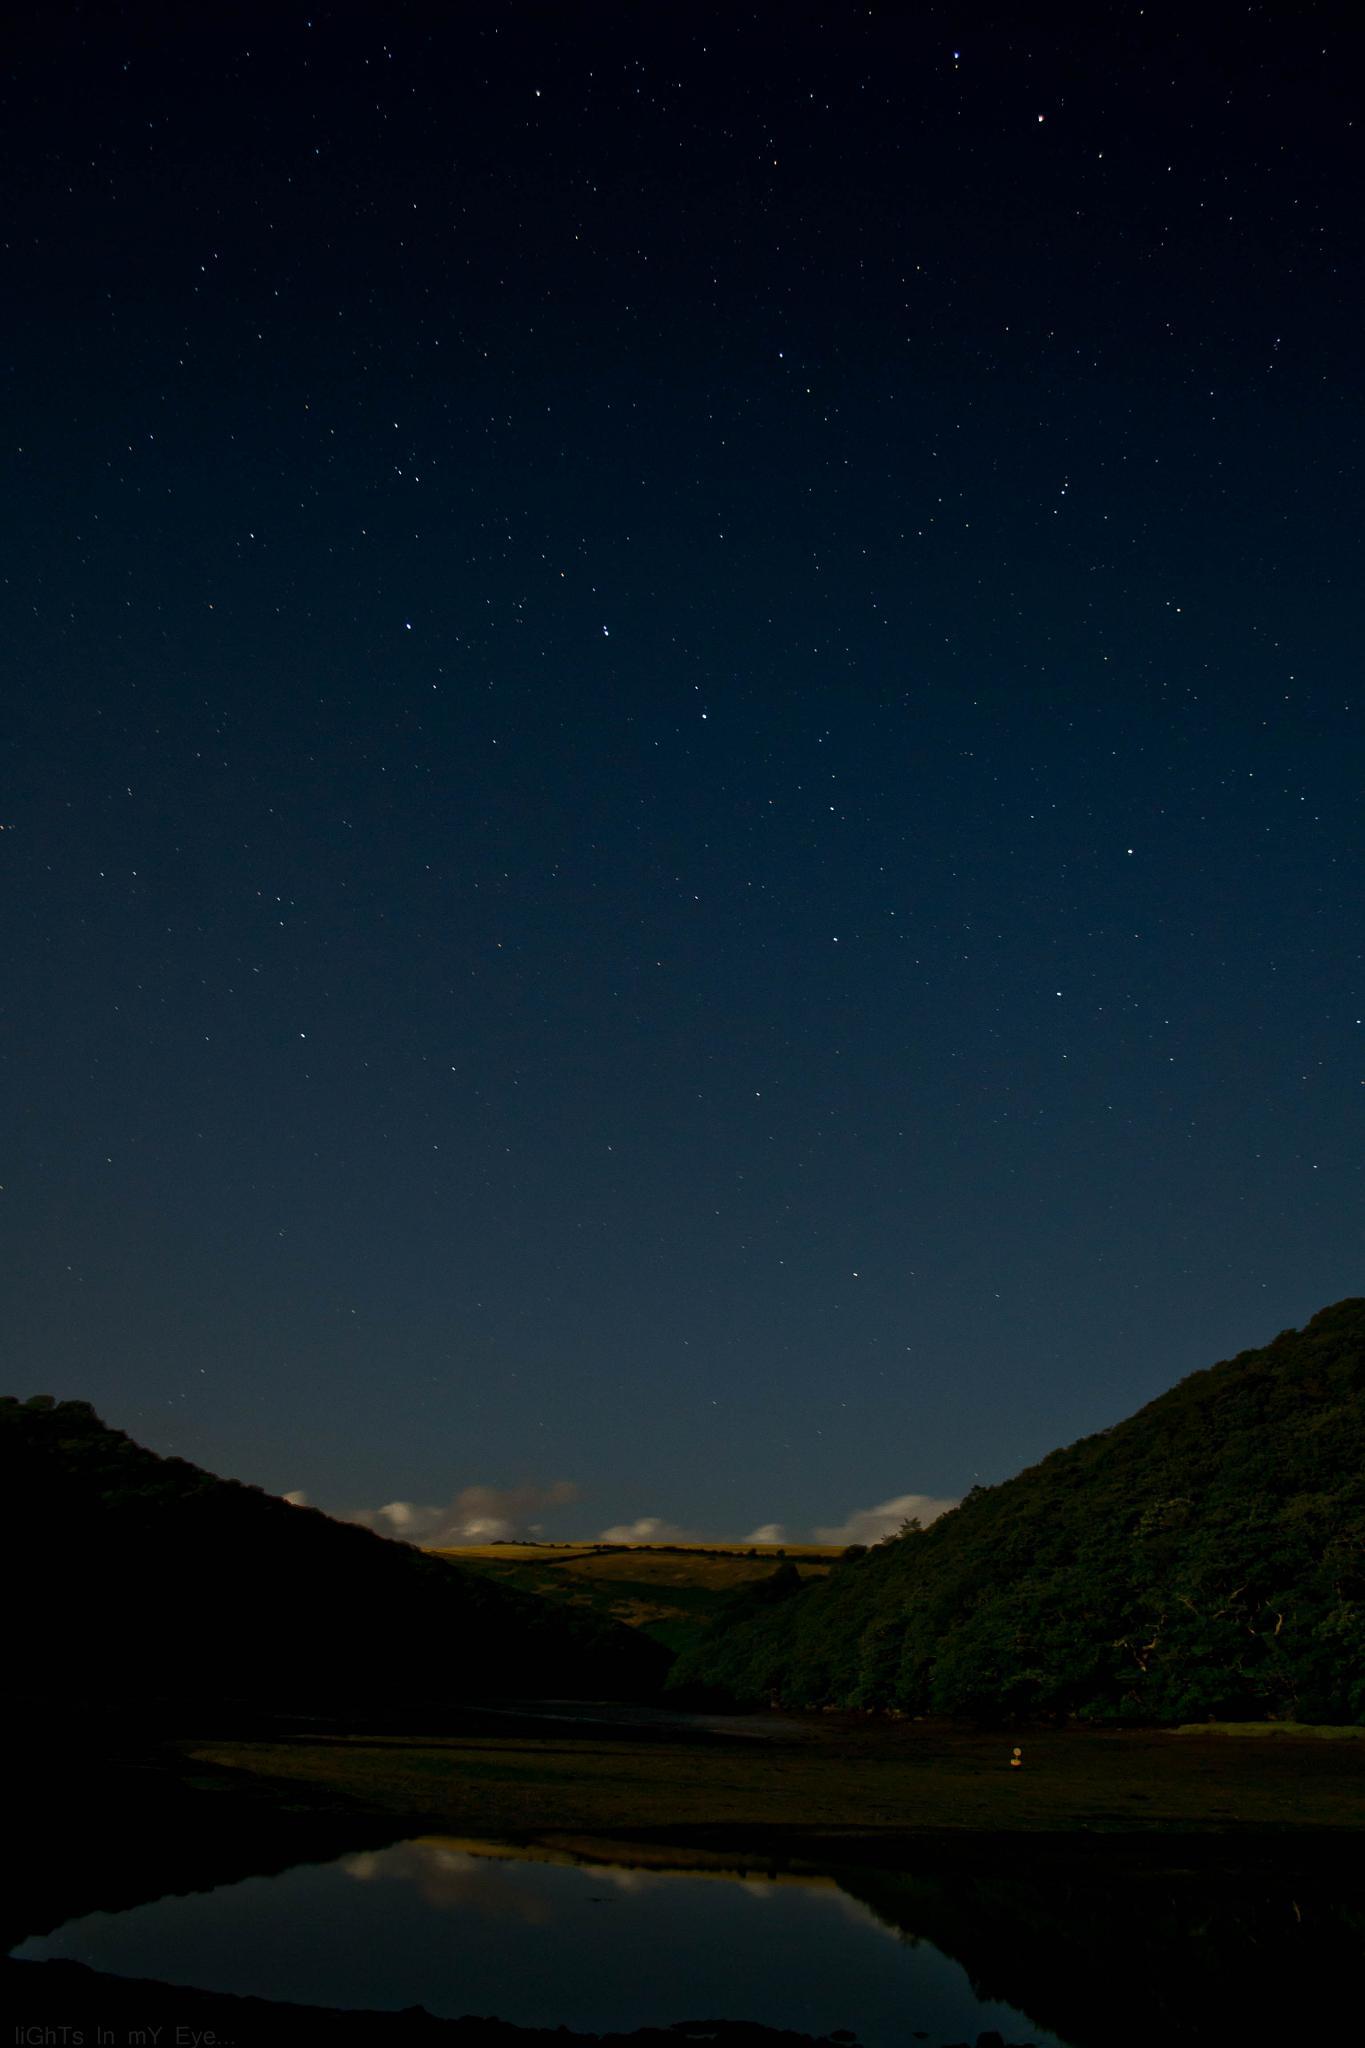 stars in looe by neil.hickman1